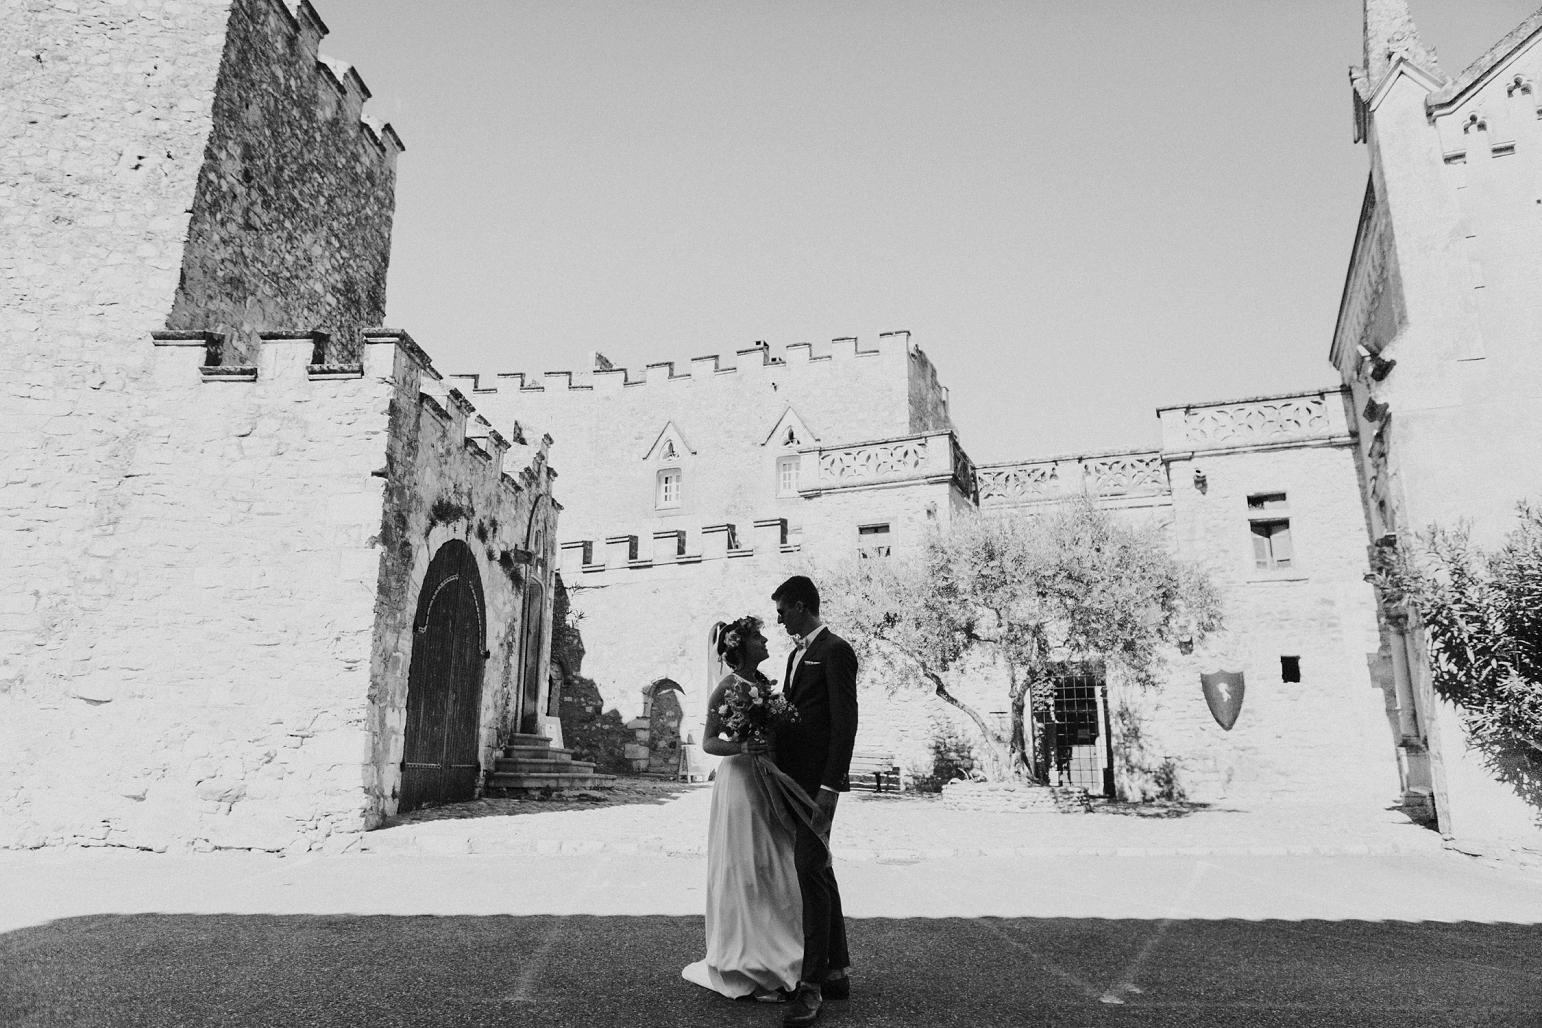 kateryna-photos-mariage-wedding-france-ardeche-domaine-clos-hullias-Saint-Christol-de-Rodière-gard-cevennes_0149.jpg